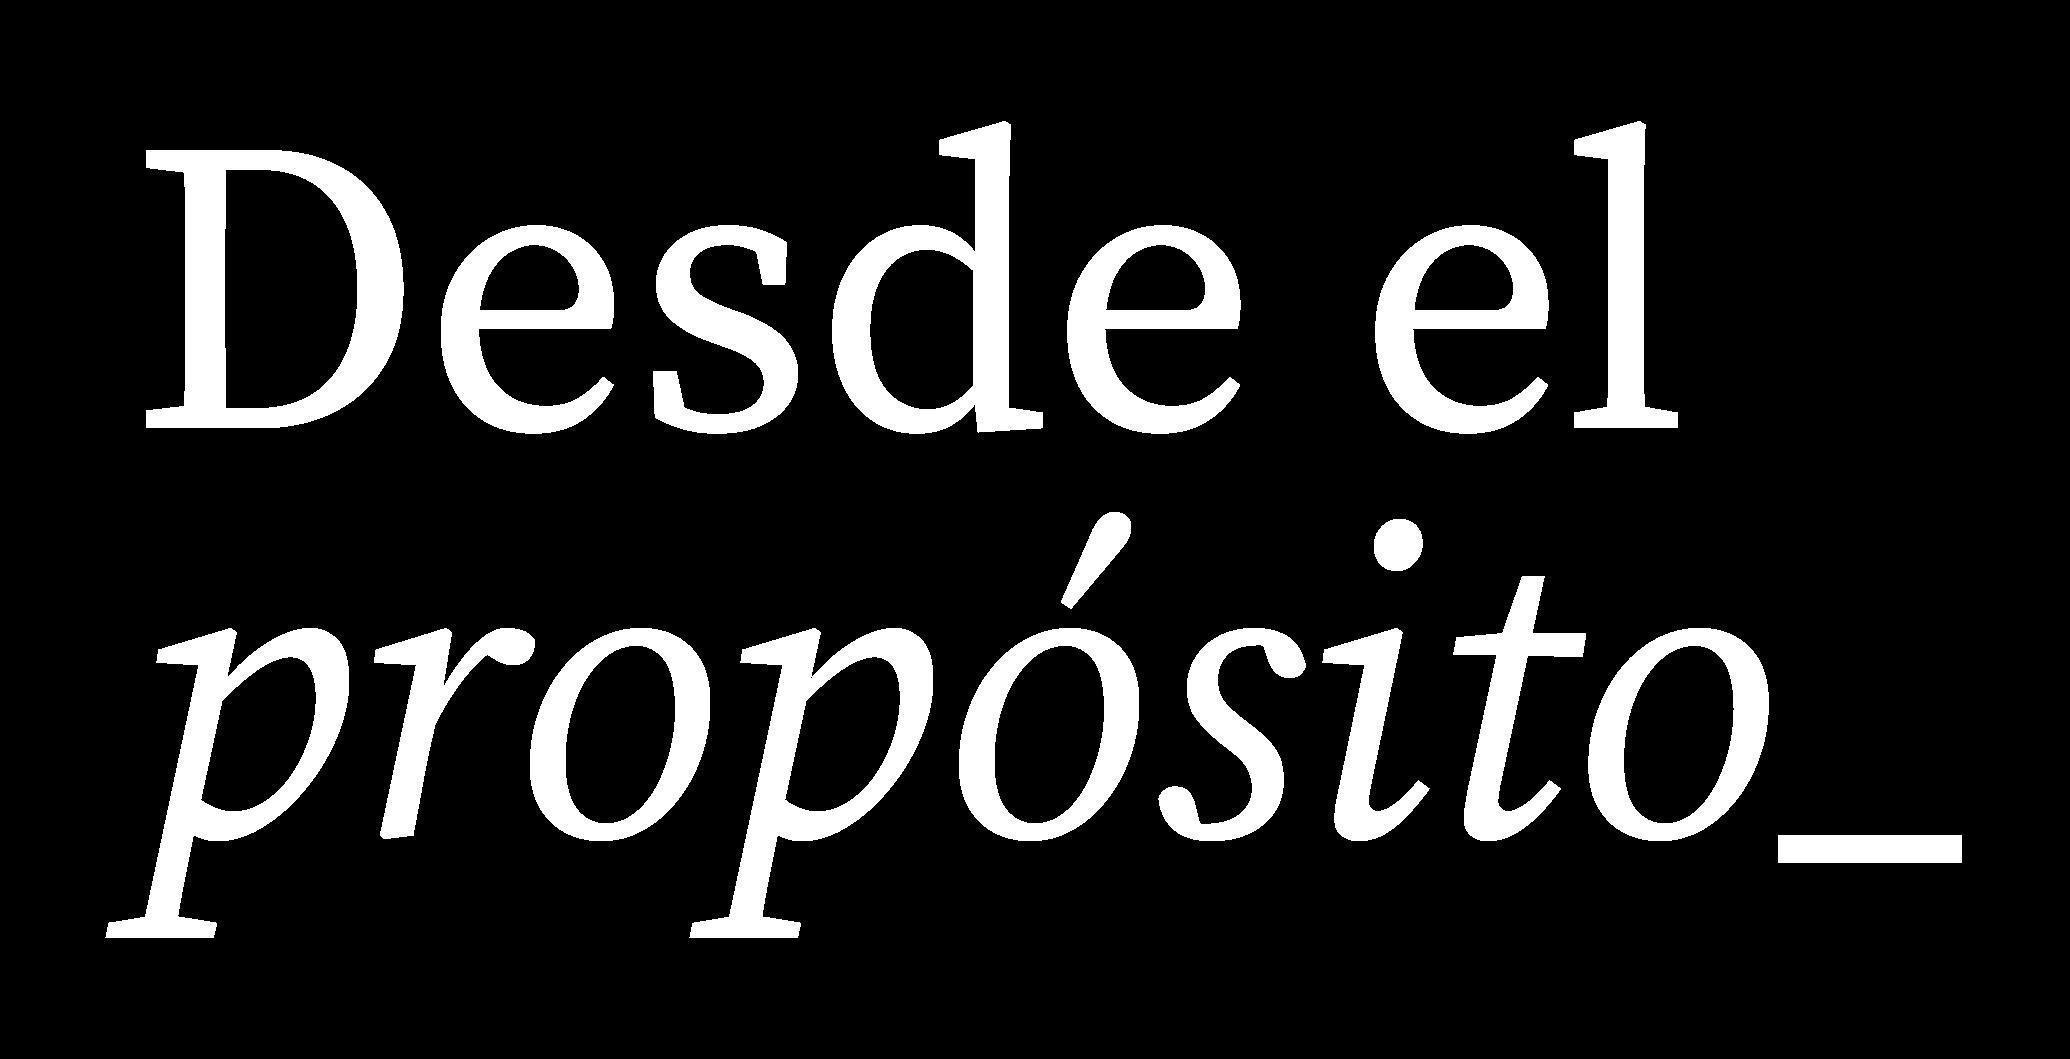 Logotipo desde el propósito